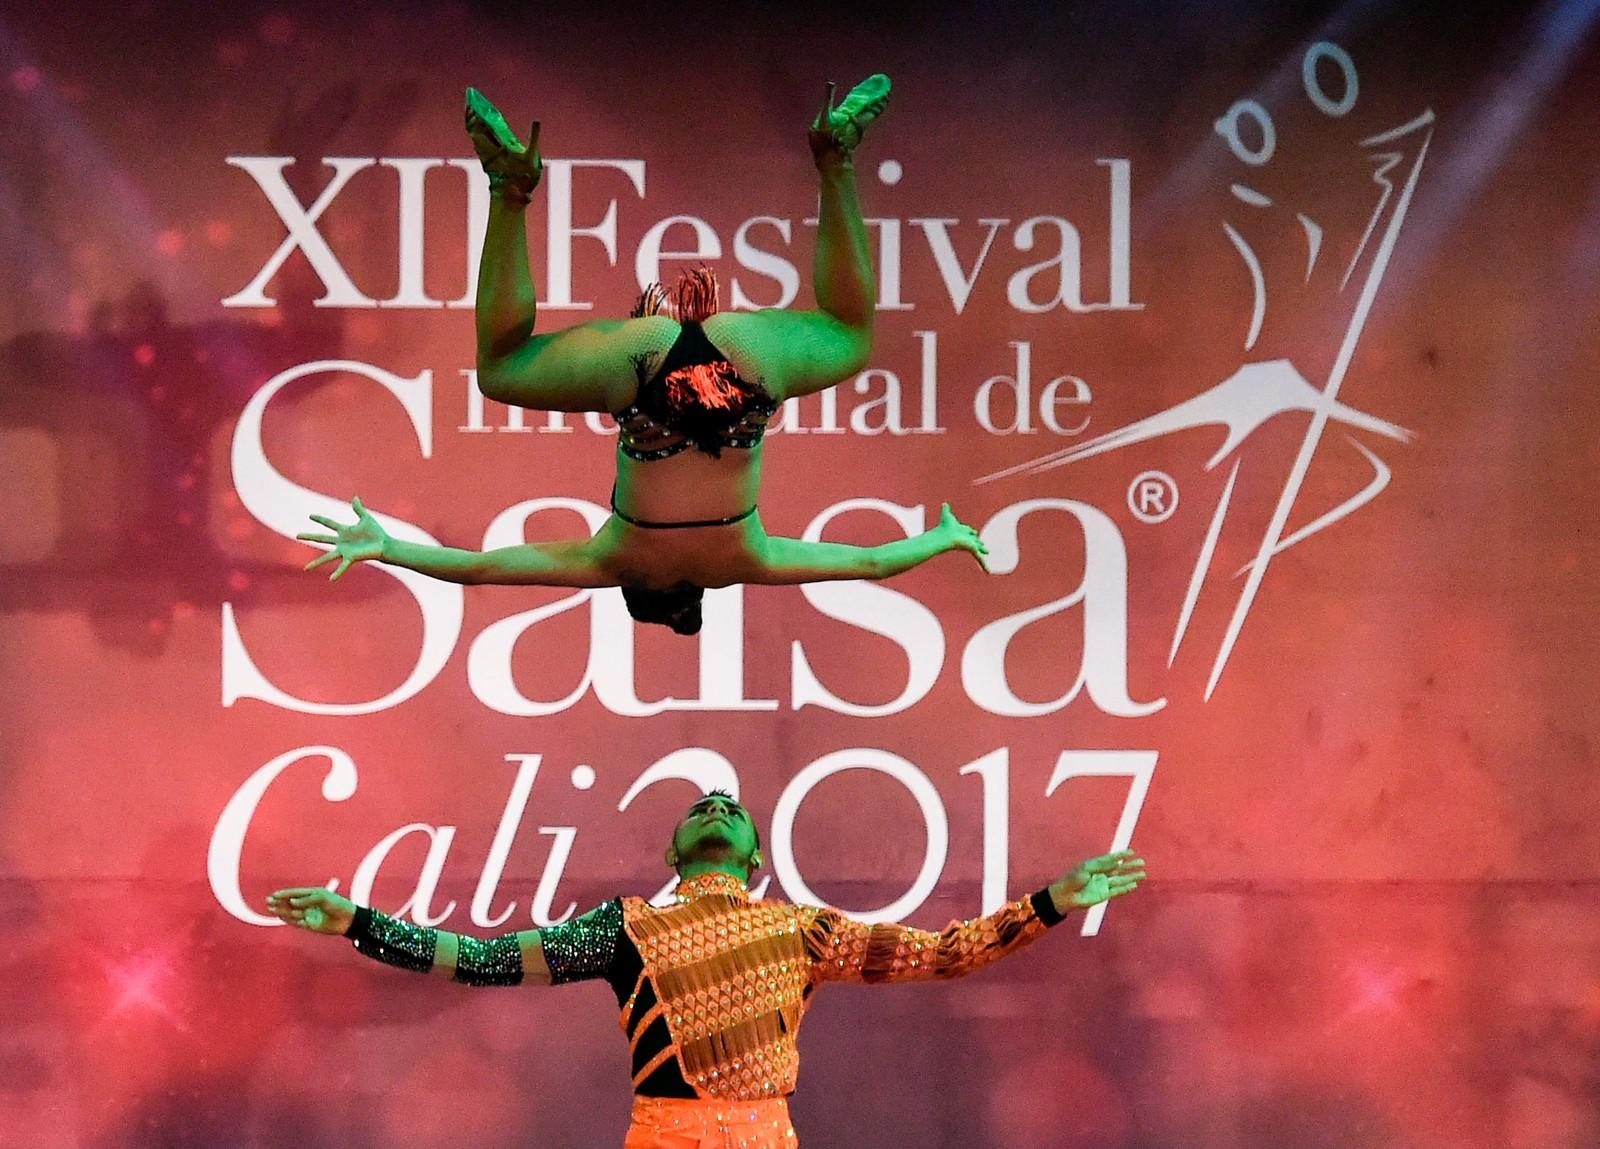 Friske salsatakter fra Angie Adrada (øverst) og Johan Bustamante, som deltok i en salsafestival i Cali, Colombia forrige helg.